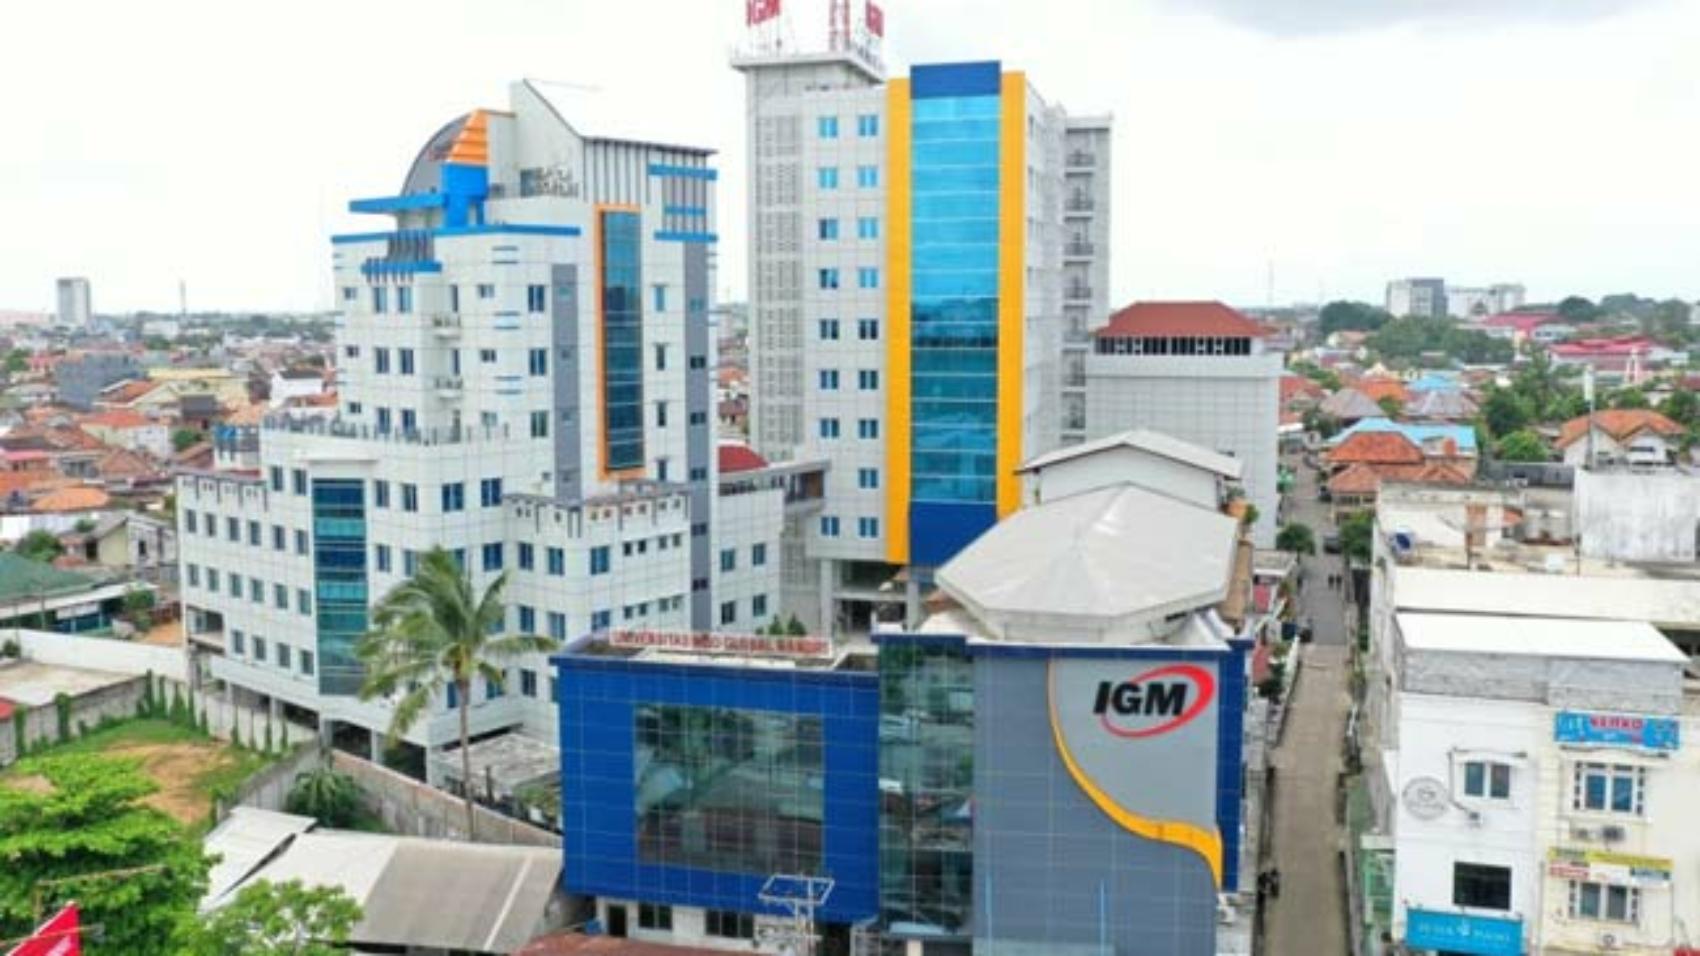 IGM1-1